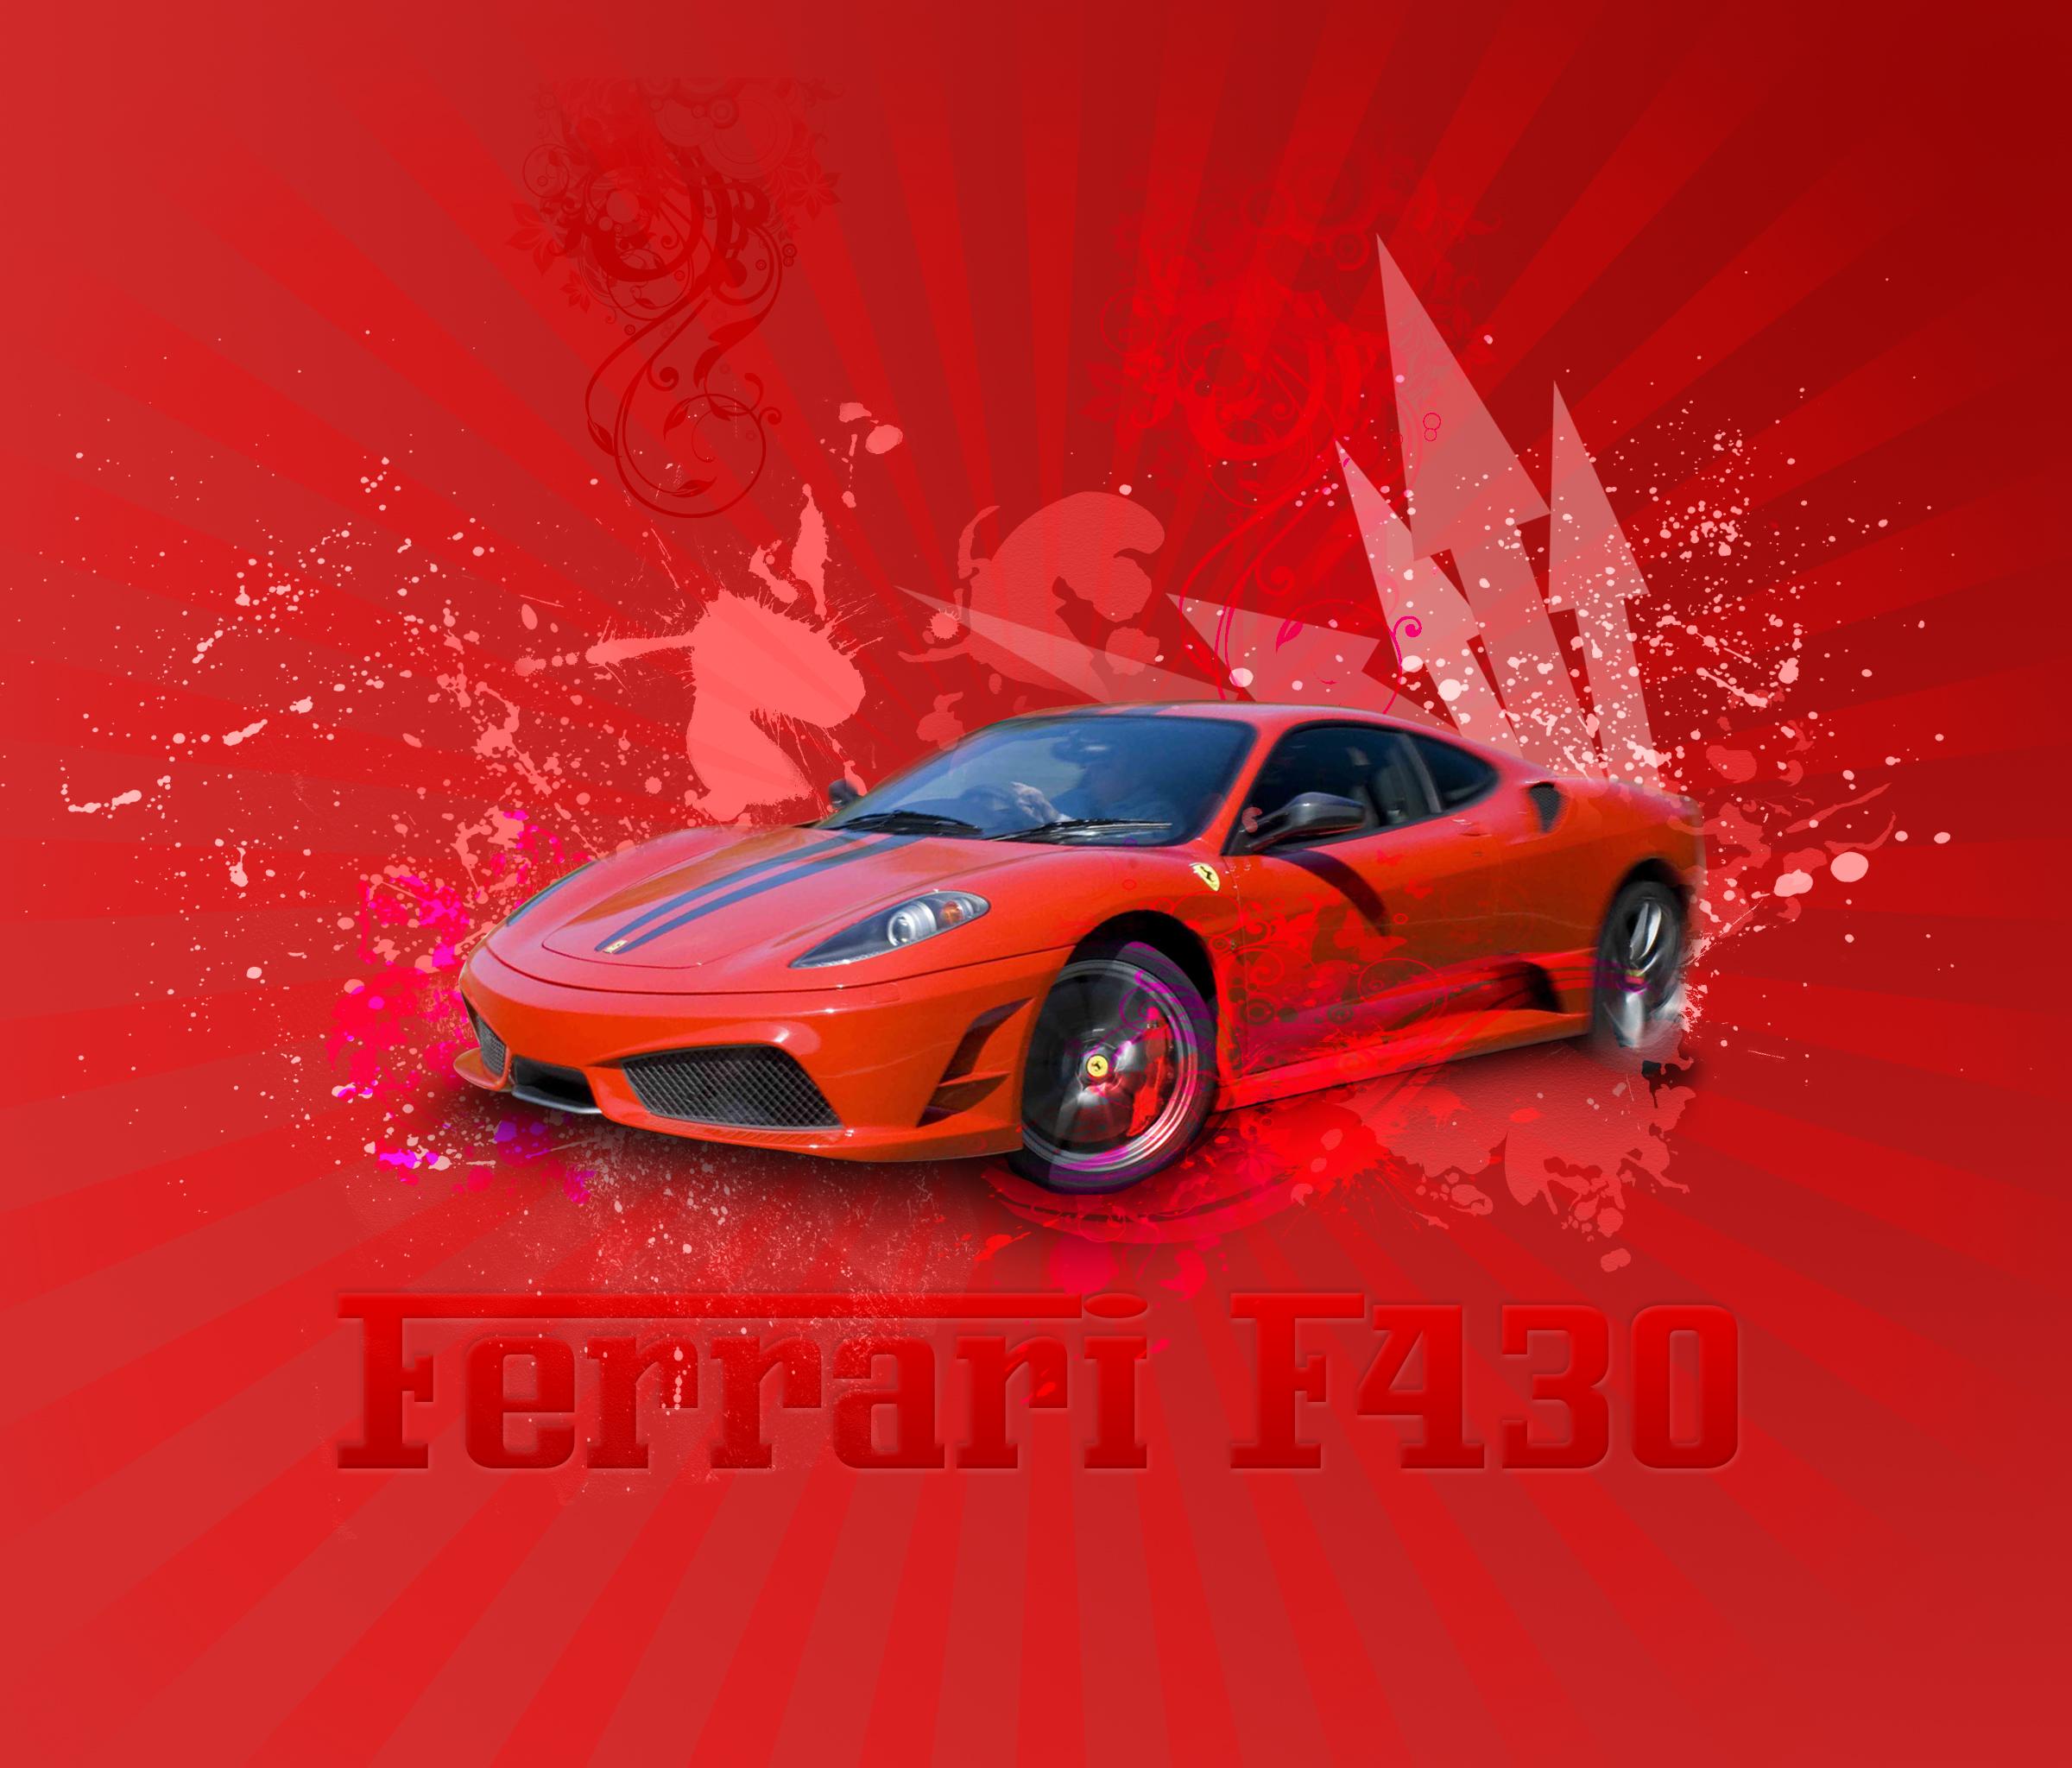 Ferrari F430: Ferrari F430 Wallpaper By MitakoBG On DeviantART